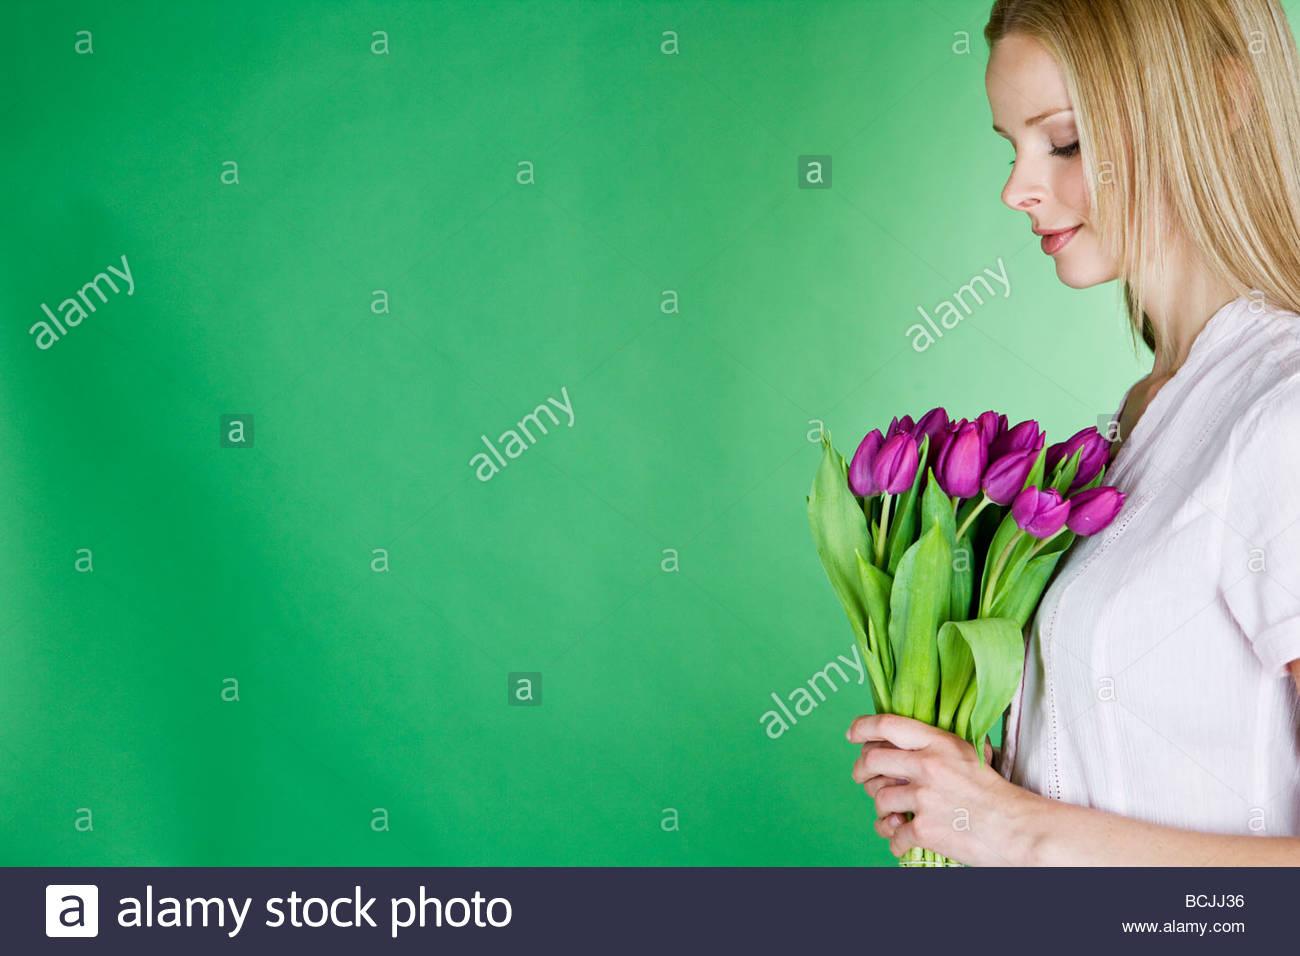 Eine junge blonde Frau hält eine Reihe von violette Tulpen im Profil Stockbild